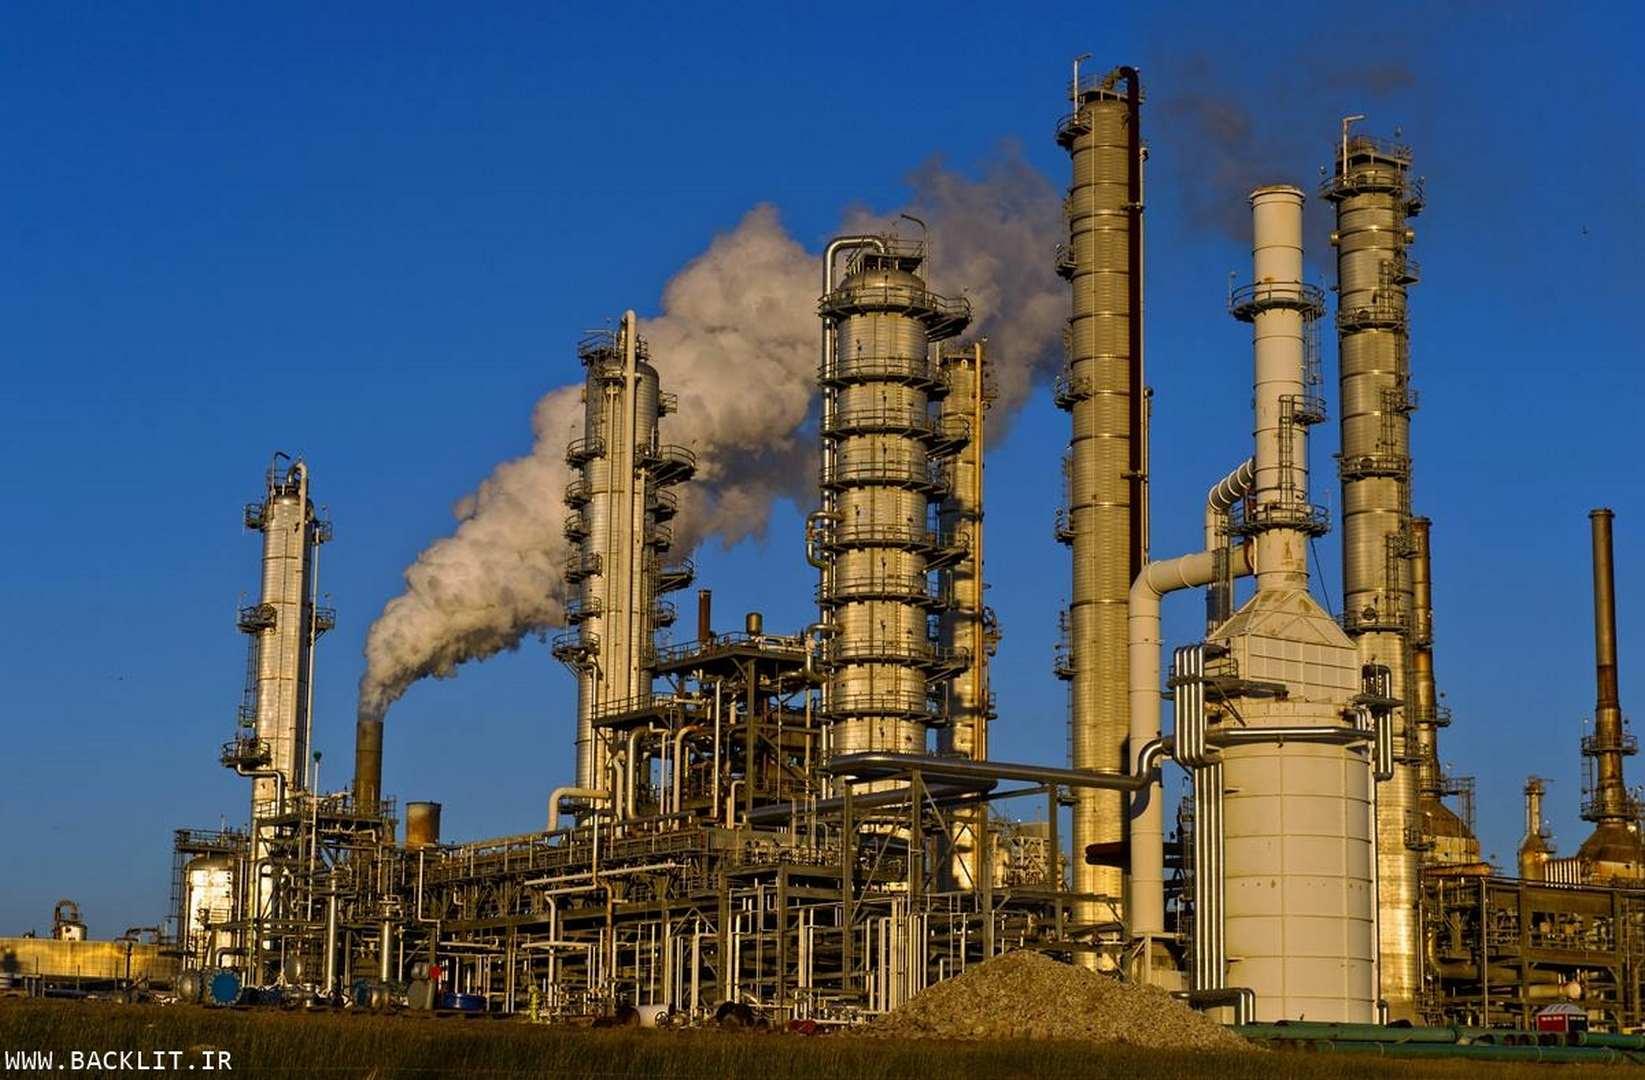 عکس تاسیسات صنعتی وپالایشگاهی 41